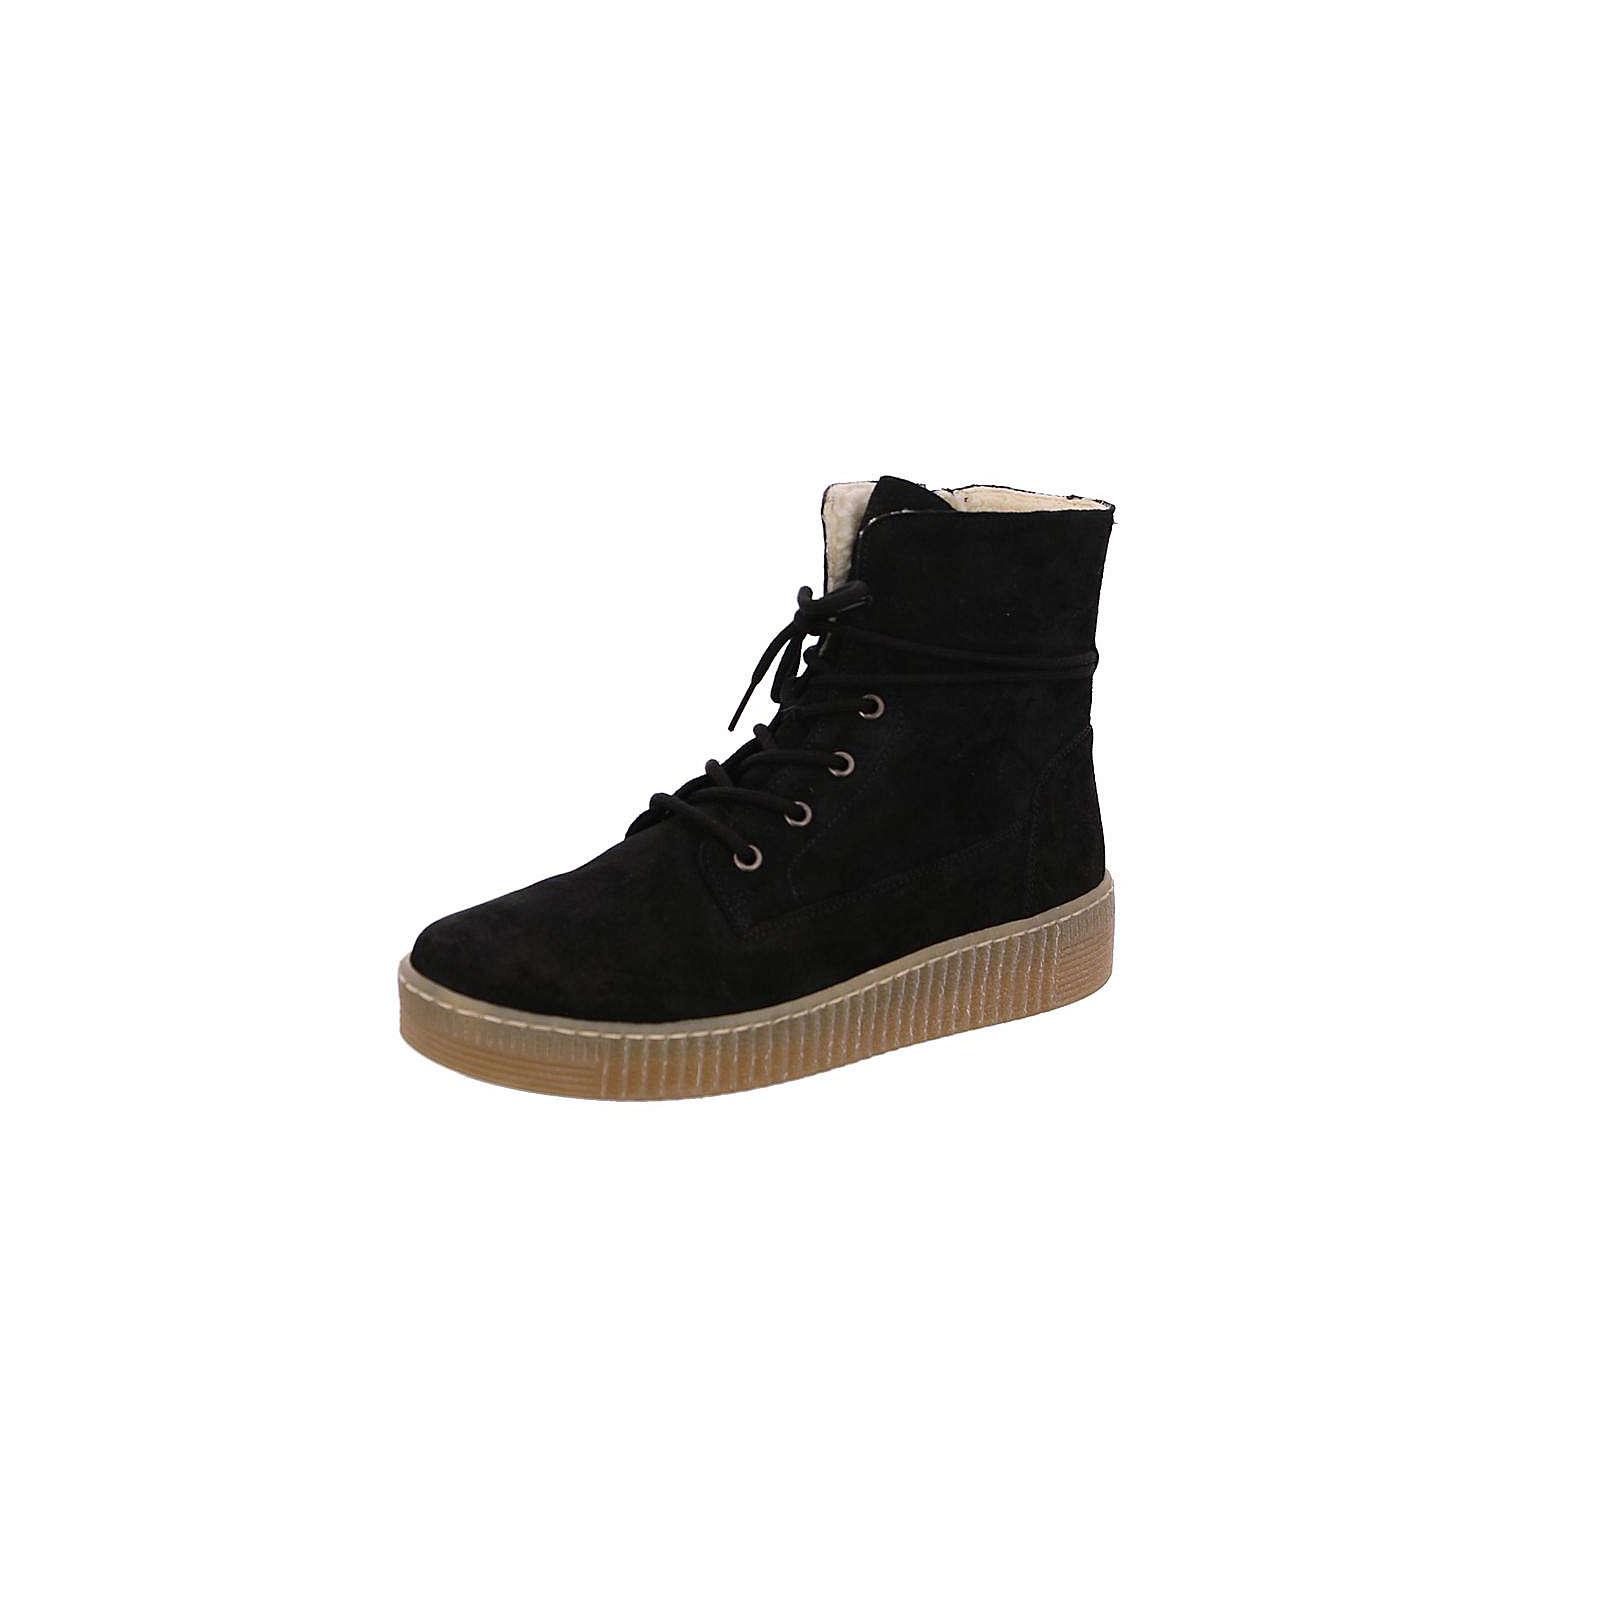 Gabor Stiefel schwarz schwarz Damen Gr. 38,5